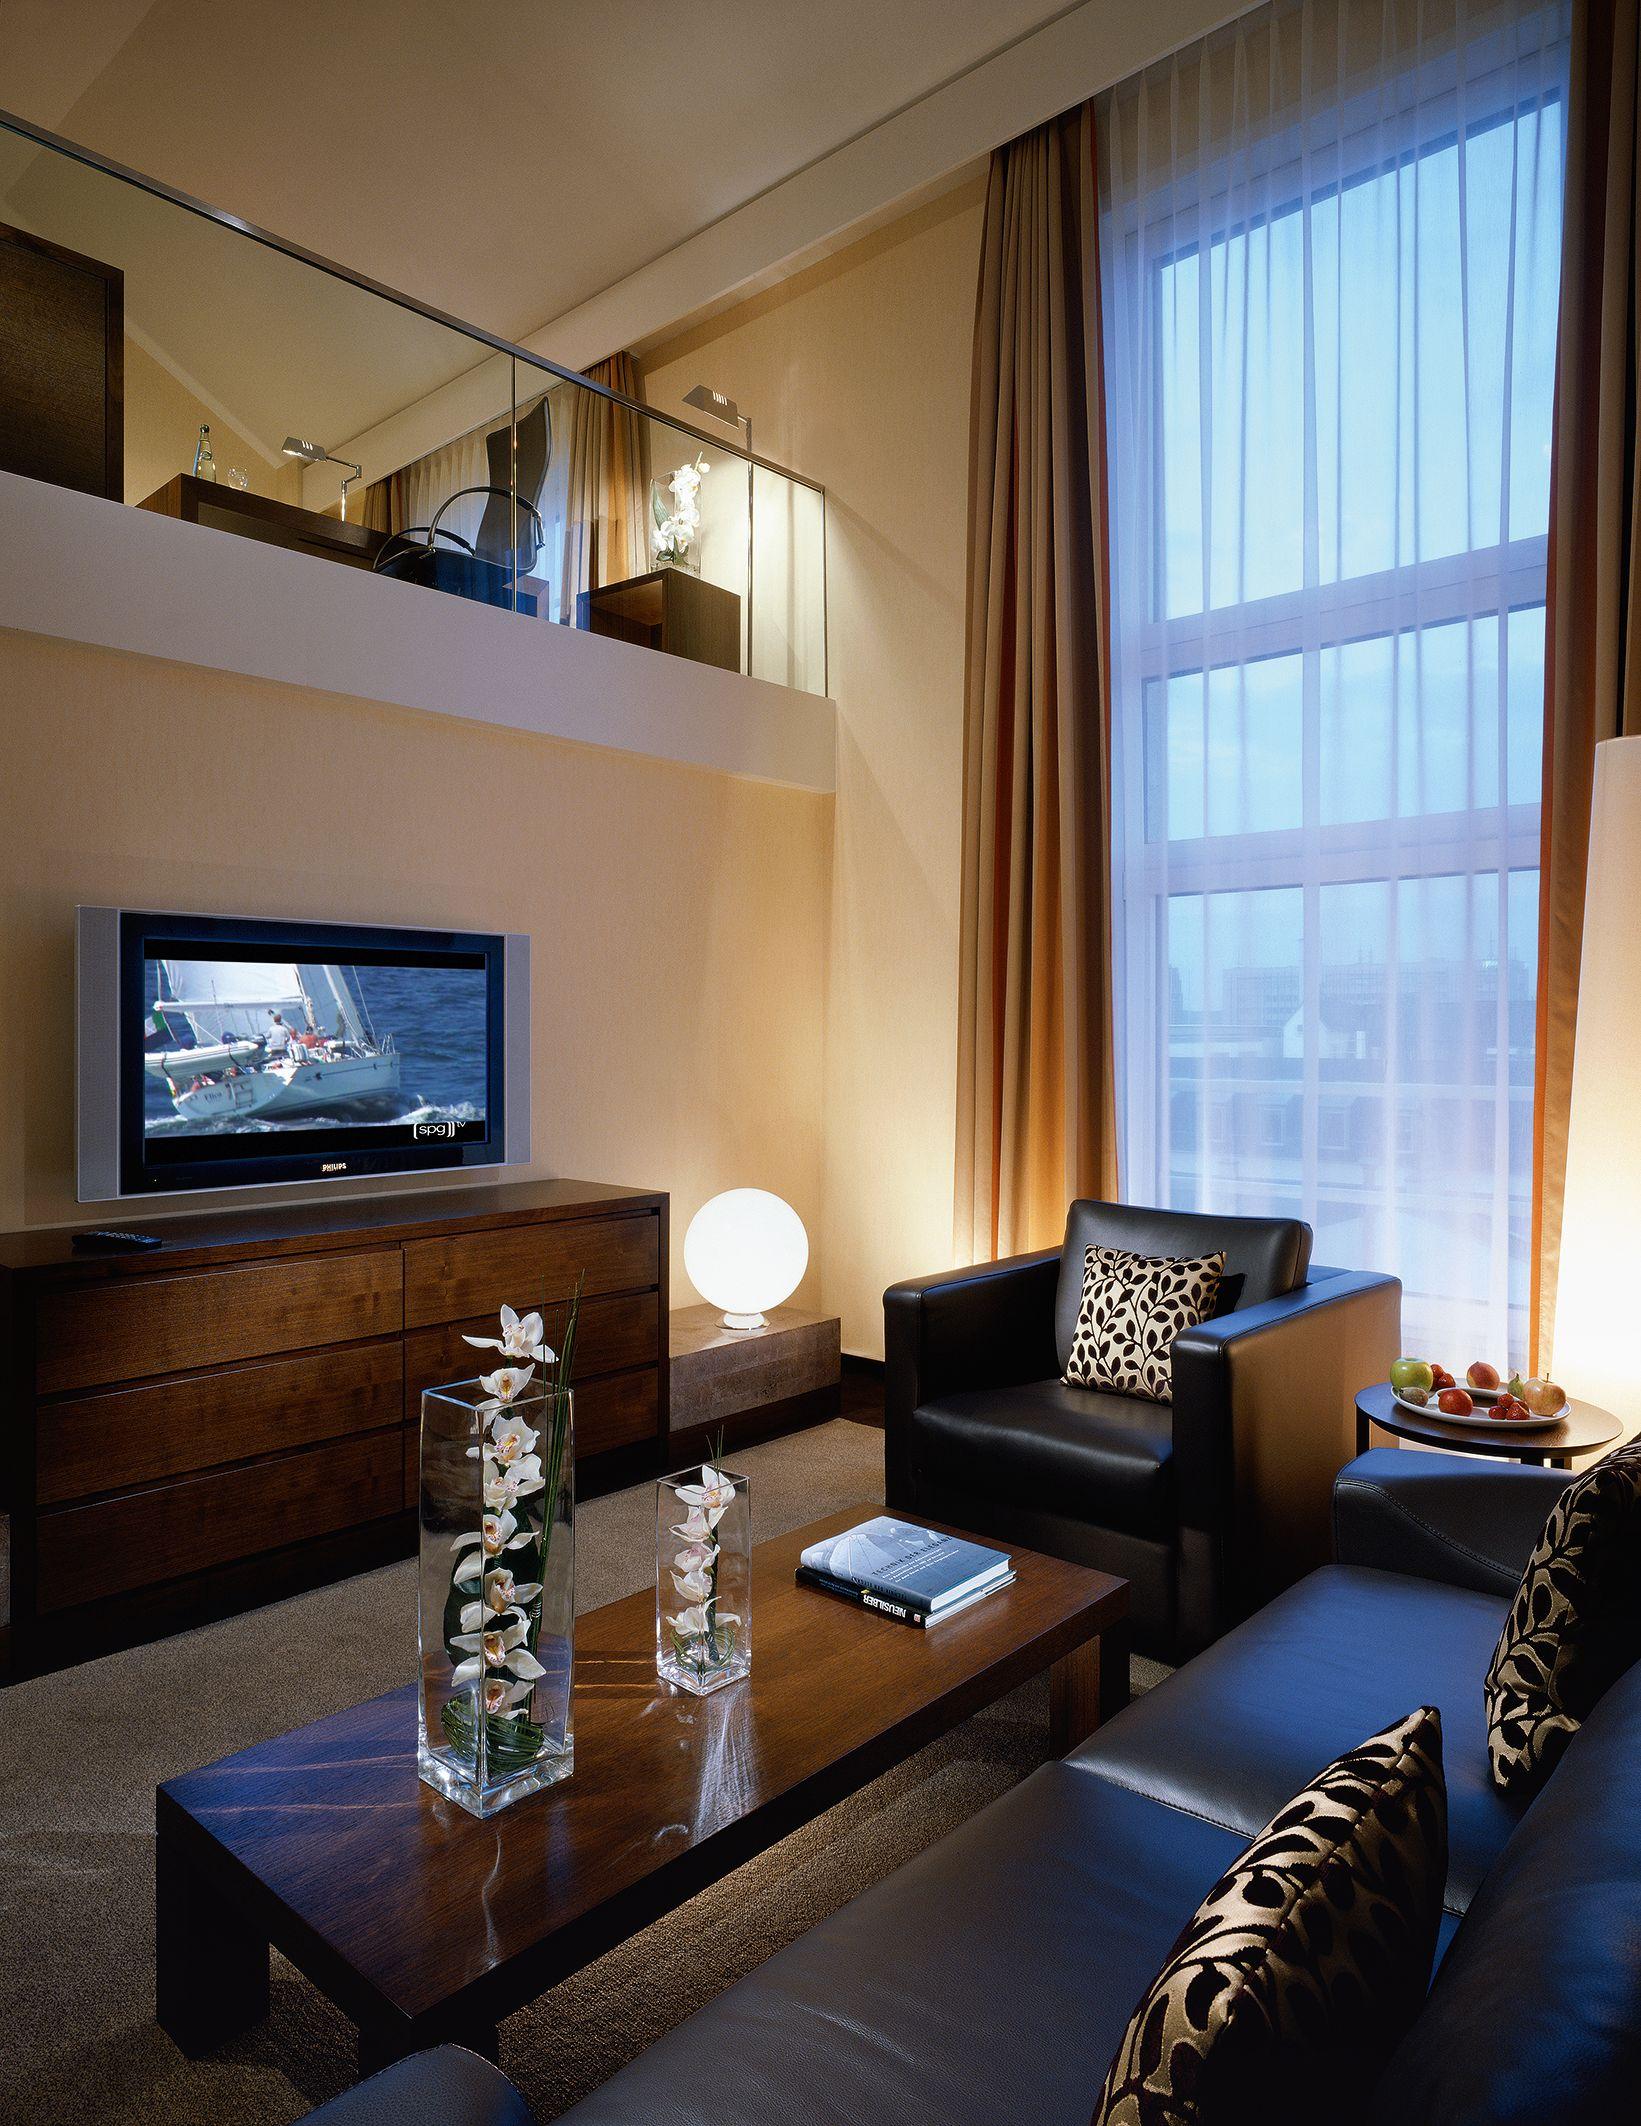 das westin grand hotel in frankfurt in neuem licht. Black Bedroom Furniture Sets. Home Design Ideas